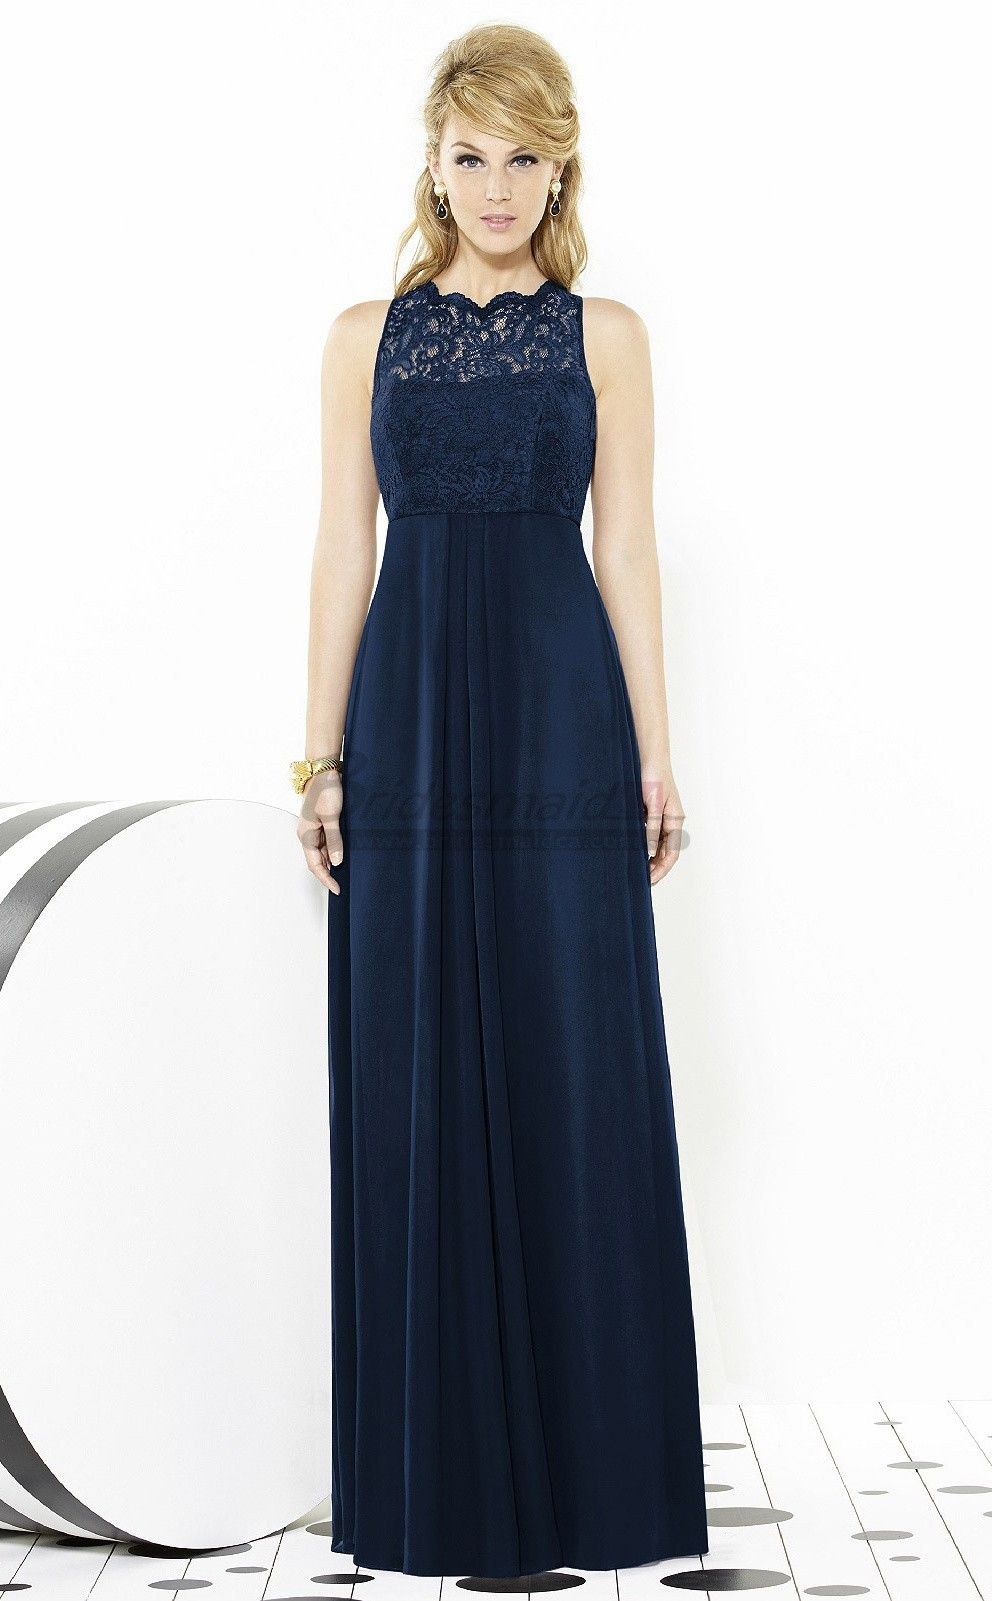 Navy blue long lace chiffon empire waist bridesmaid dresses navy blue long lace chiffon empire waist bridesmaid dresses ombrellifo Choice Image